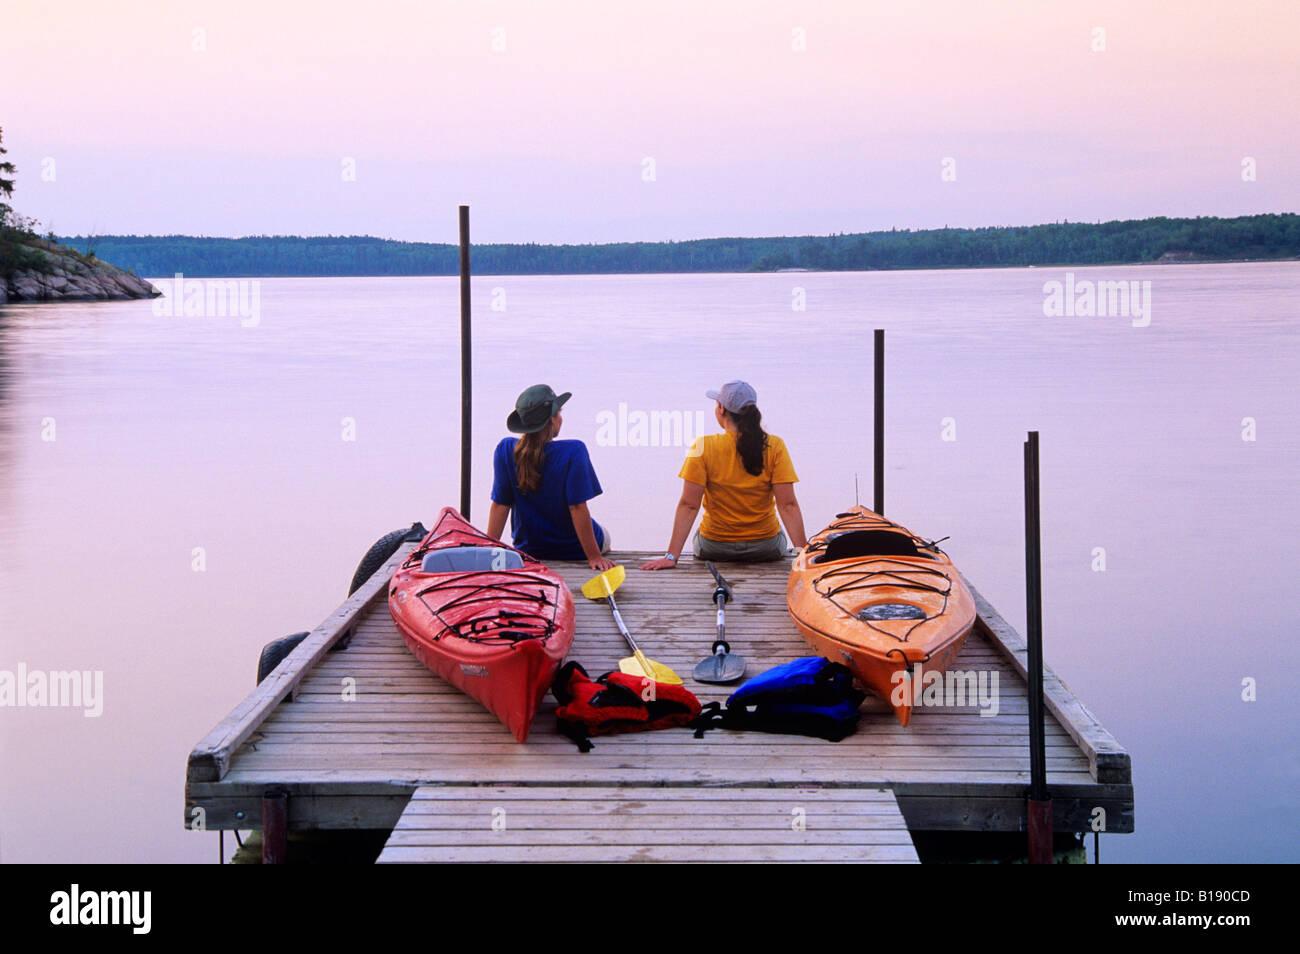 Camping du Lac Nutimik kayakistes un quai de bateau, le parc provincial du Whiteshell, Manitoba, Canada. Photo Stock